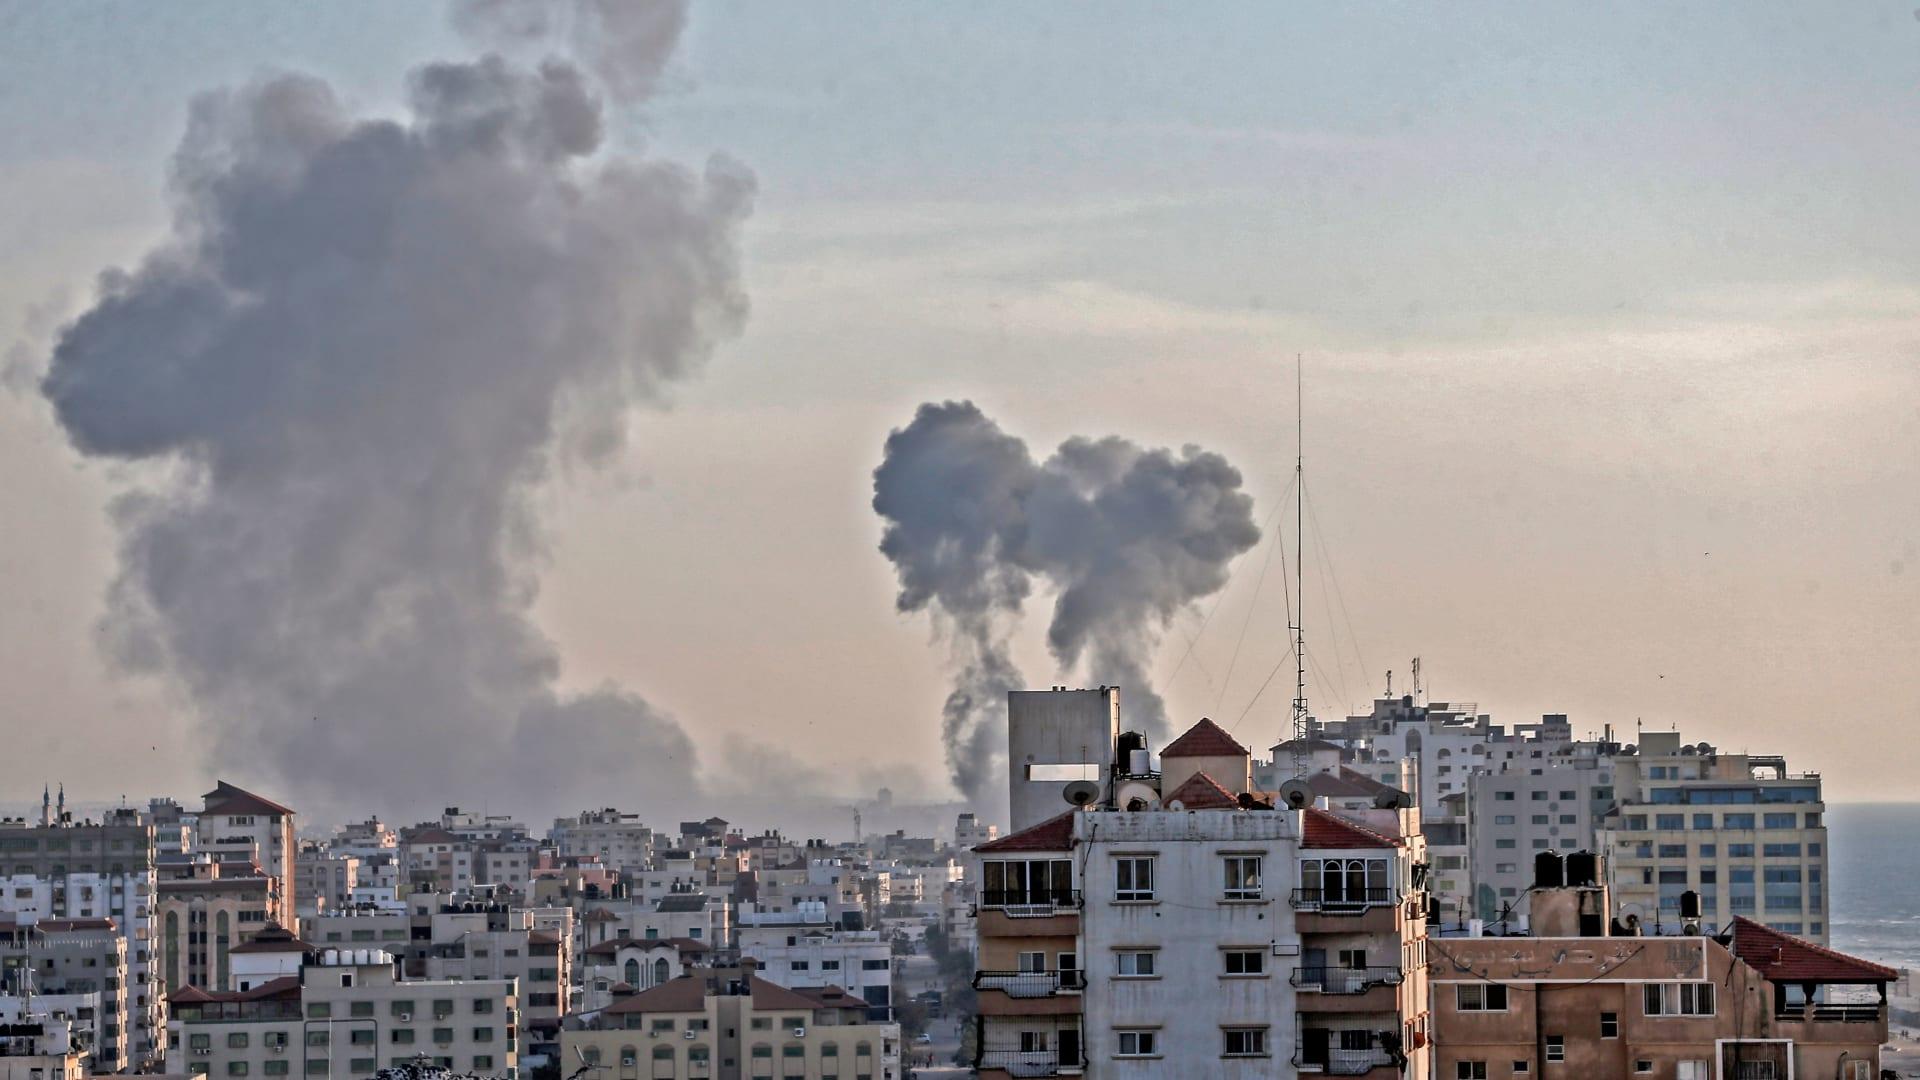 مقتل طفلة رضيعة في غارة جوية إسرائيلية على غزة